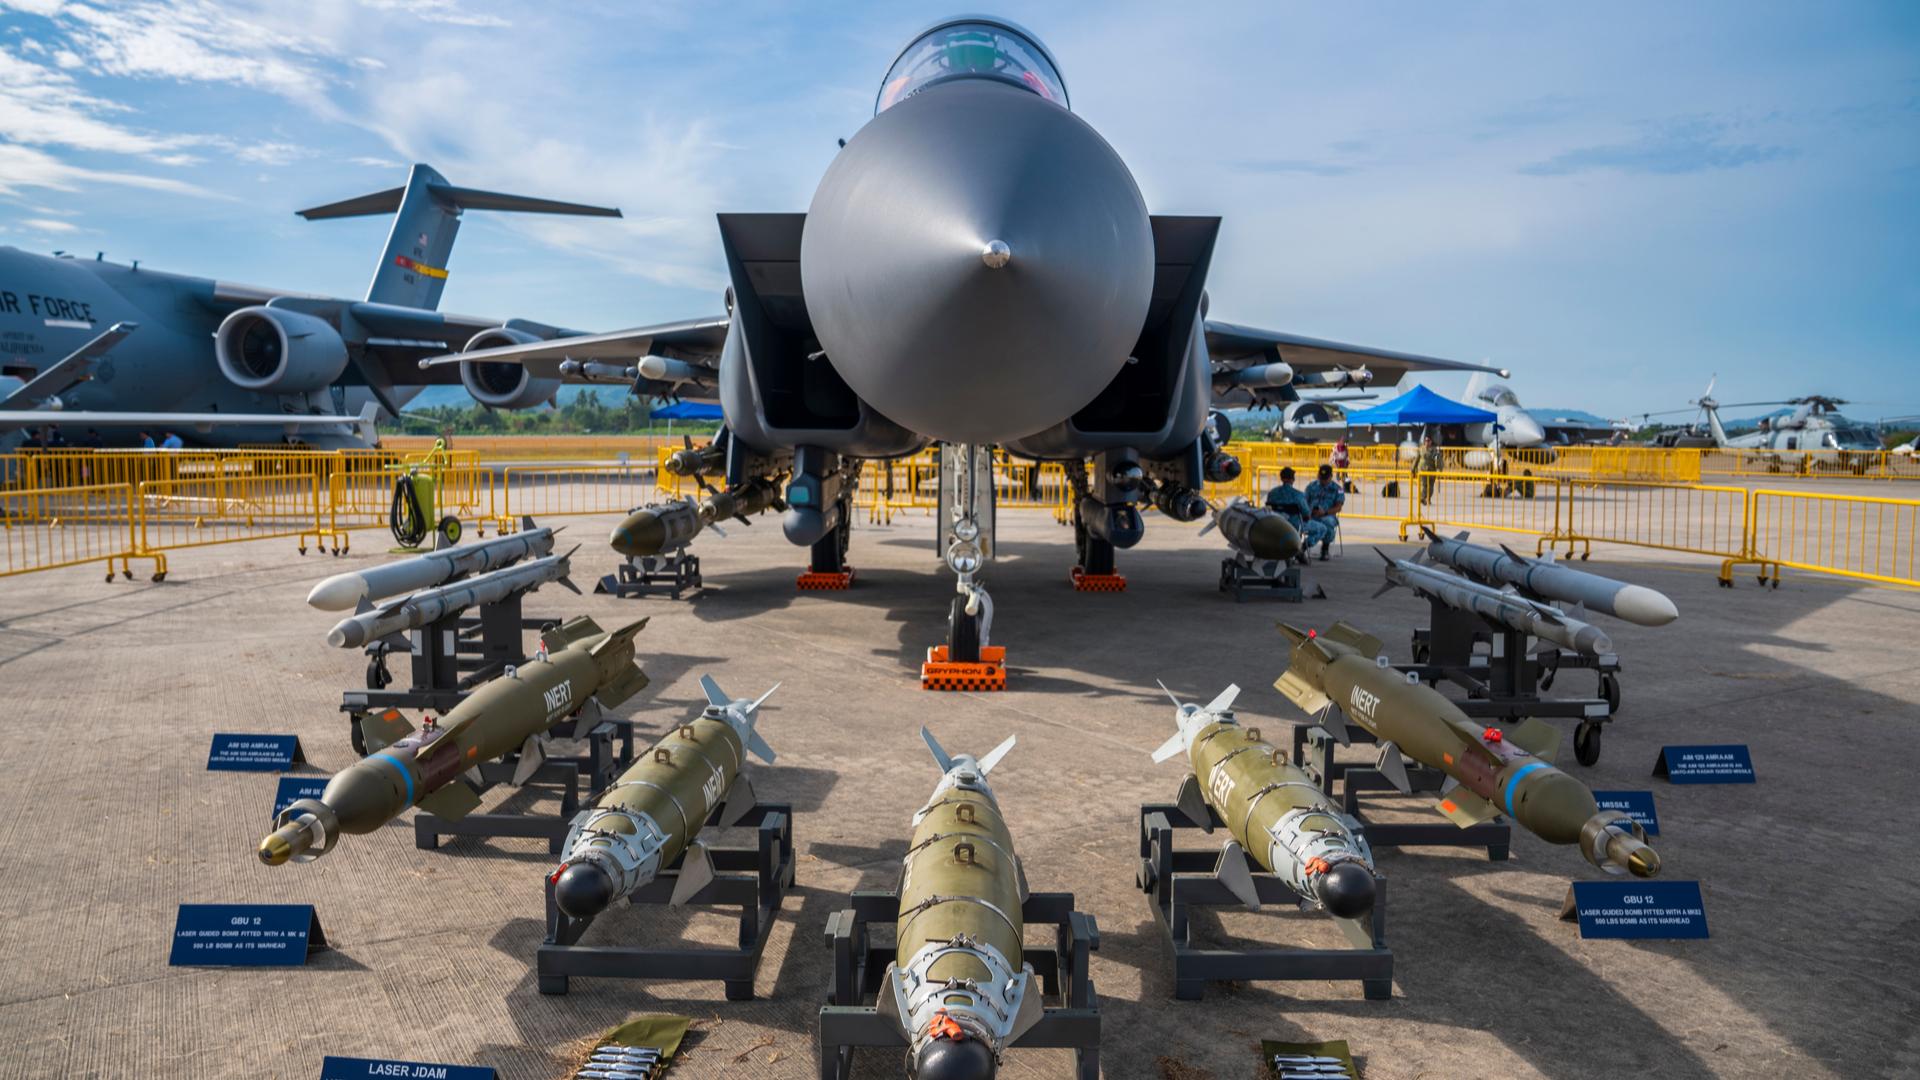 Boeing mostra aeronave militar F-15SG em feira na Malásia